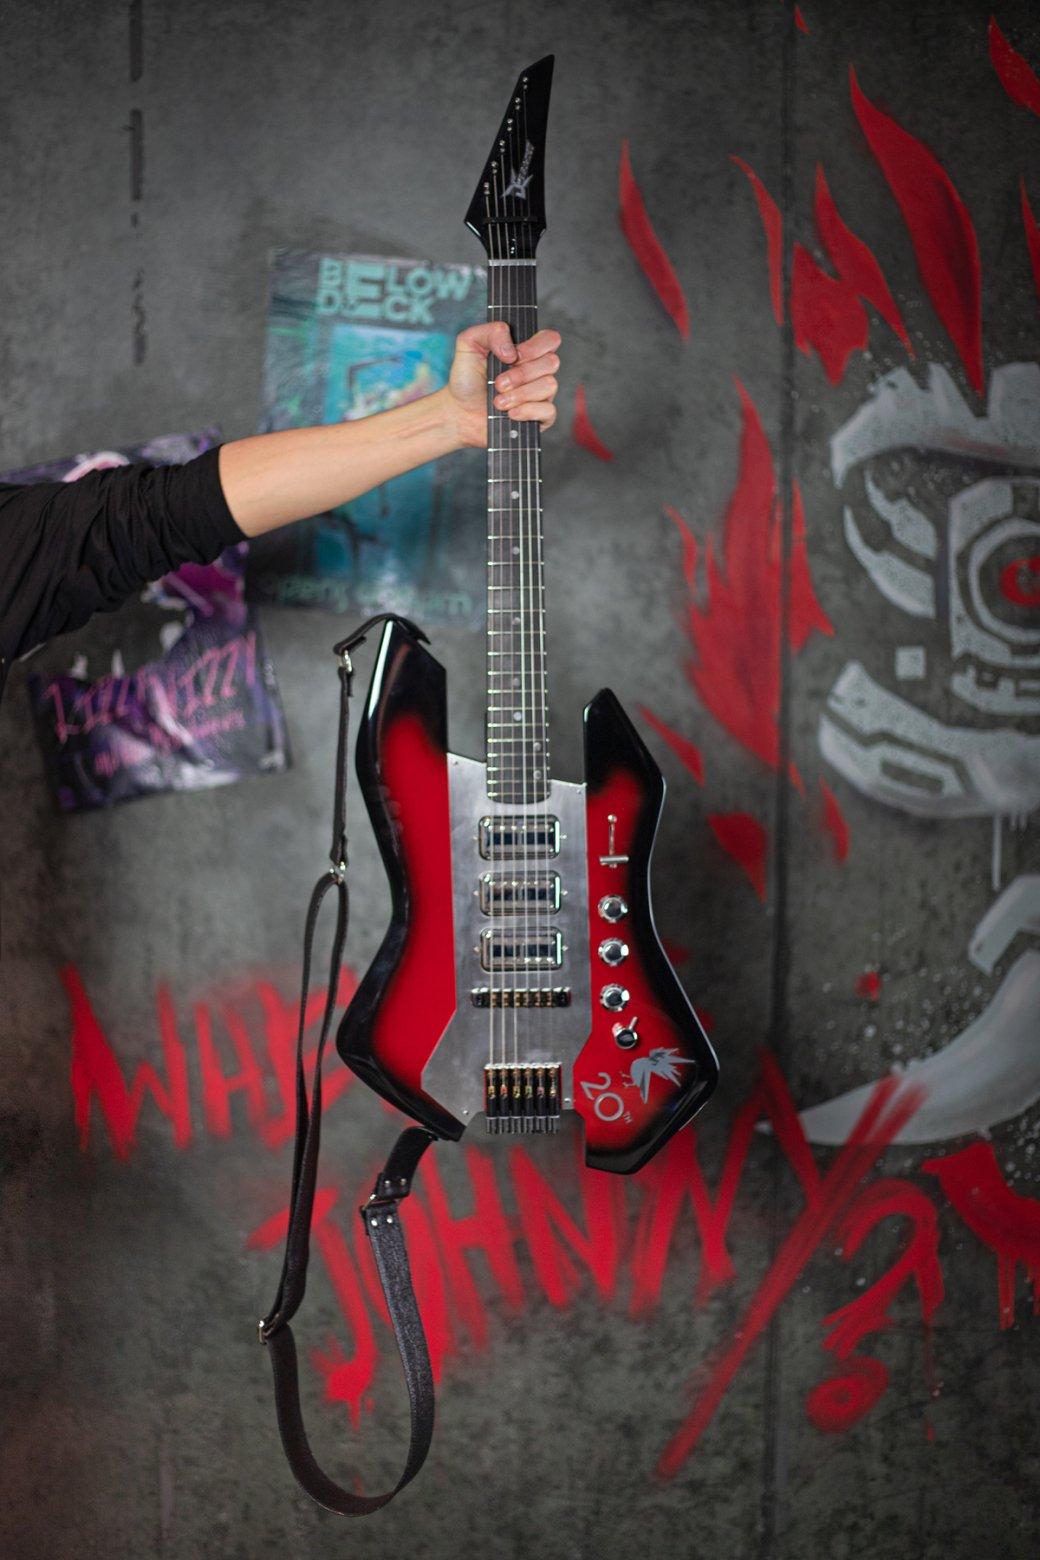 Киану Ривз подписал подарочную гитару для ветерана CDProjekt RED | - Изображение 0